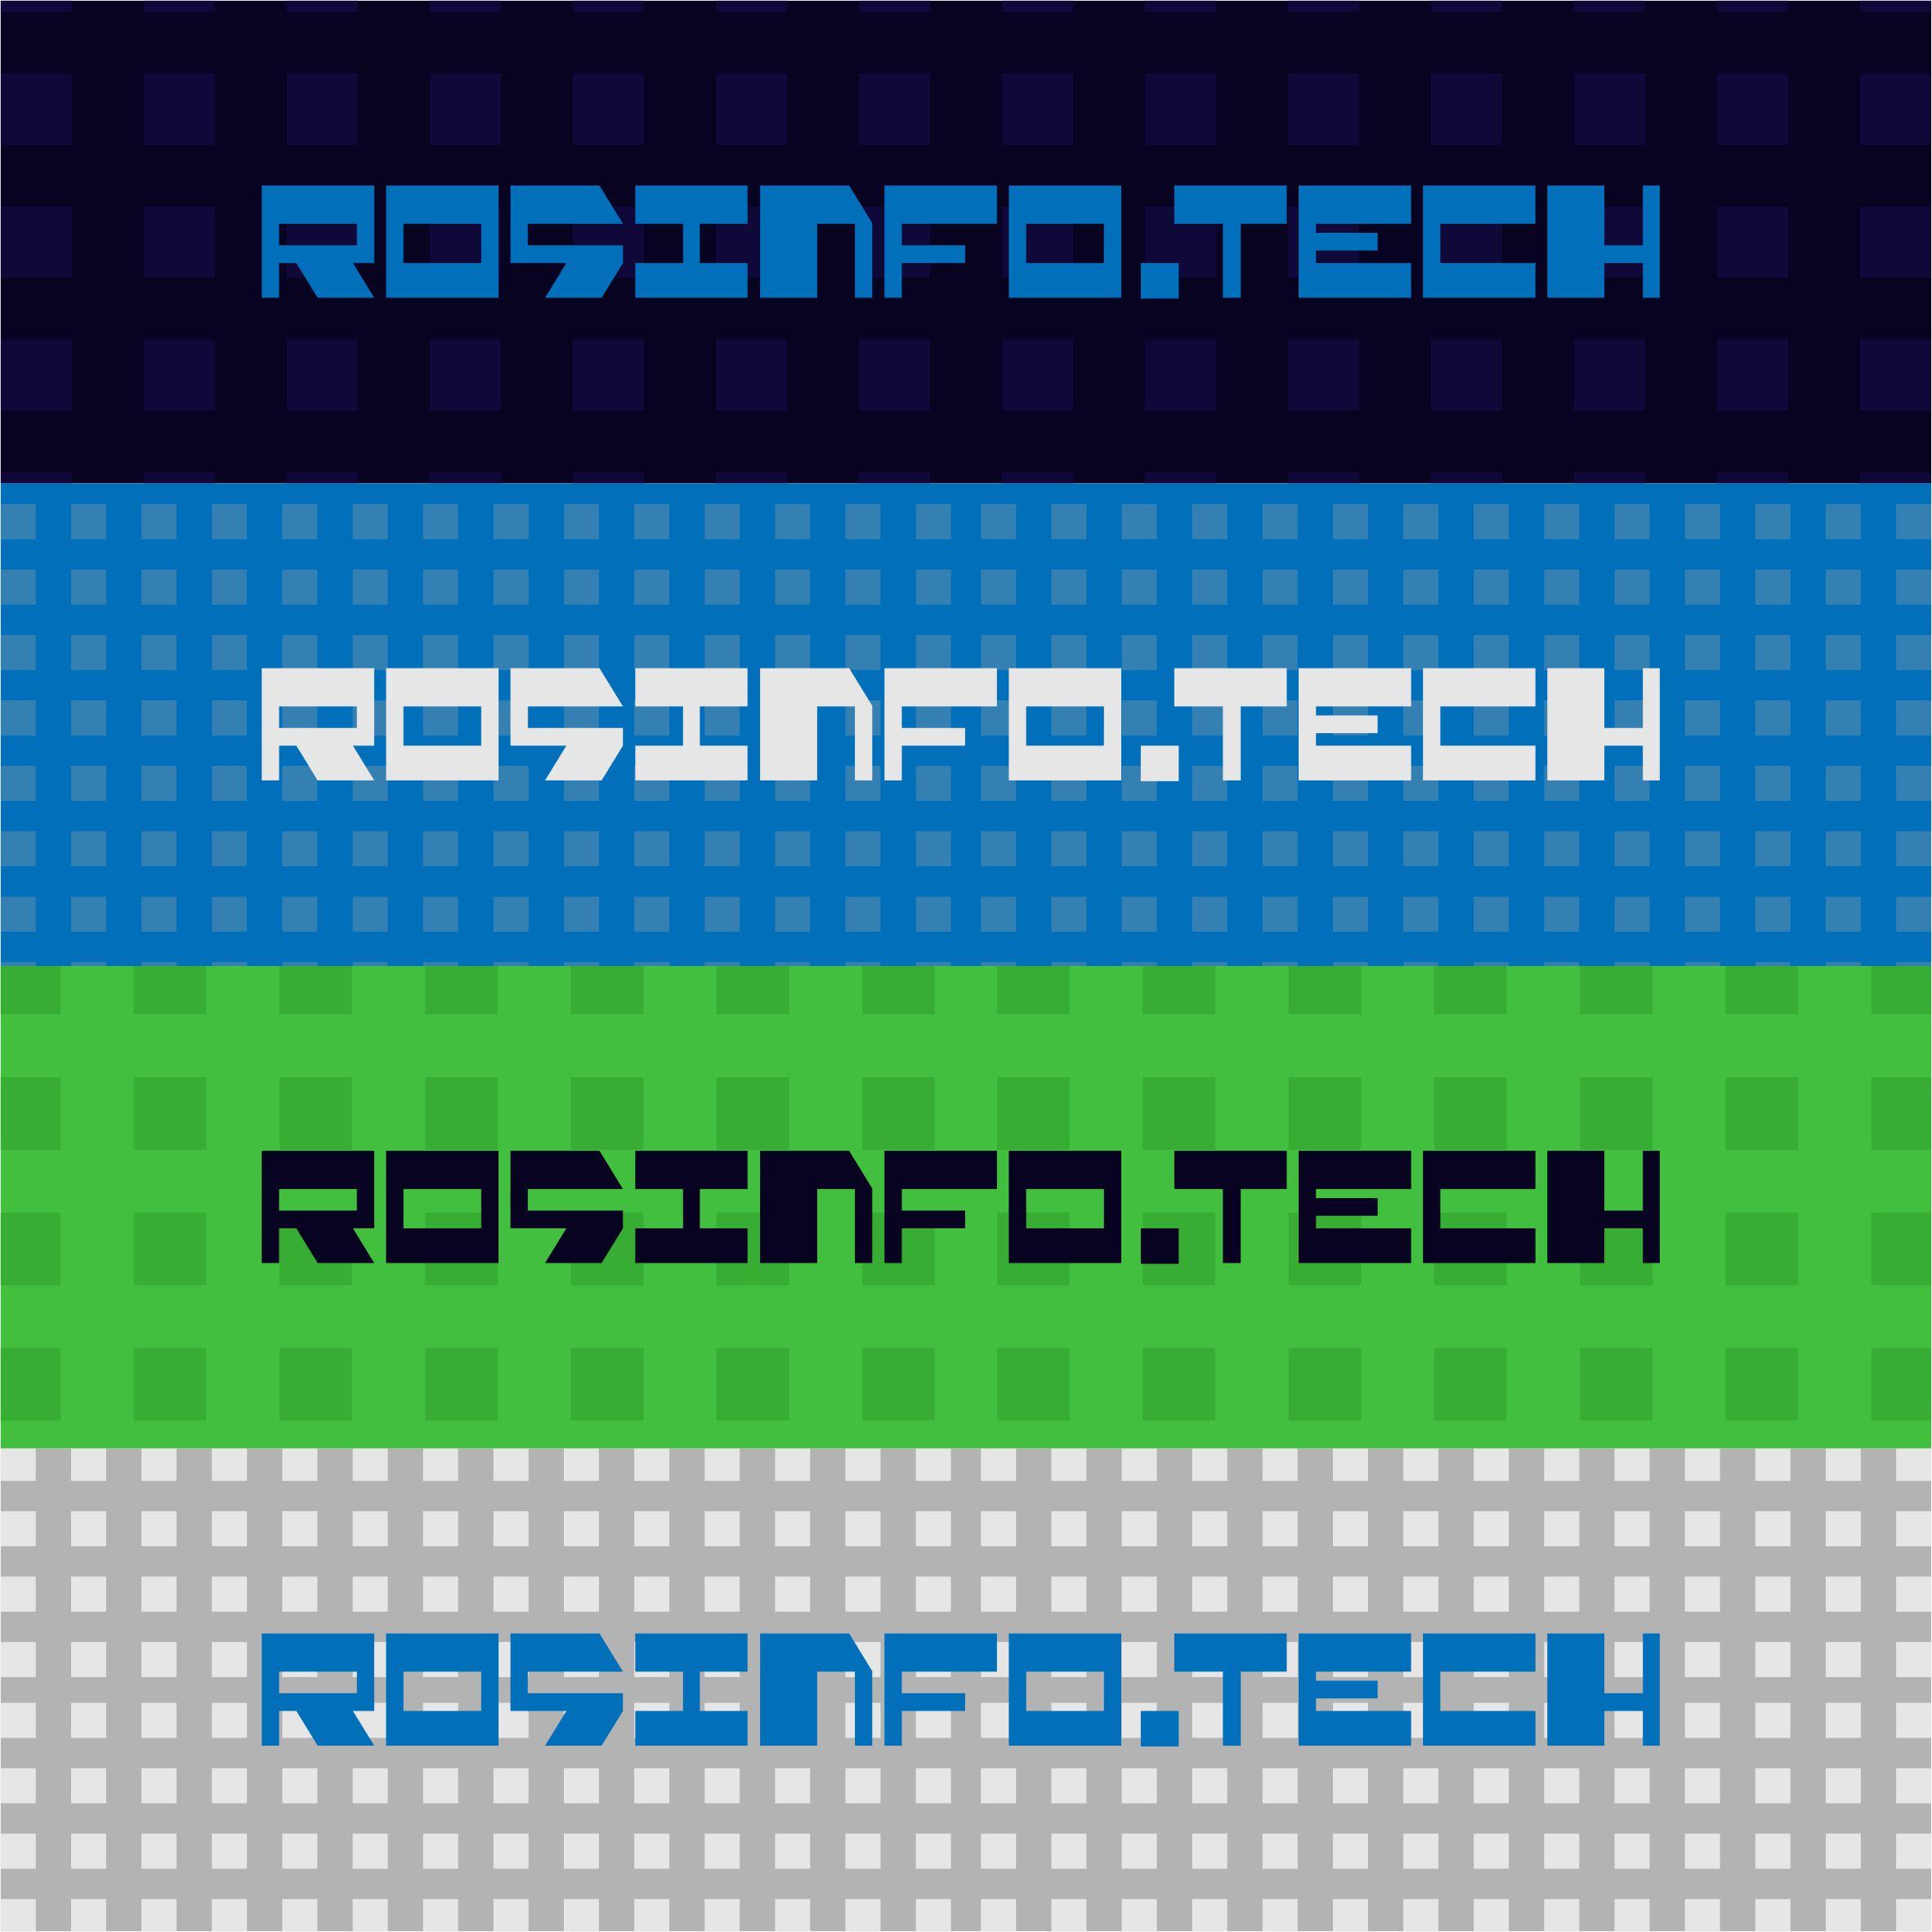 Разработка пакета айдентики rosinfo.tech фото f_2995e22d10bb17ea.jpg